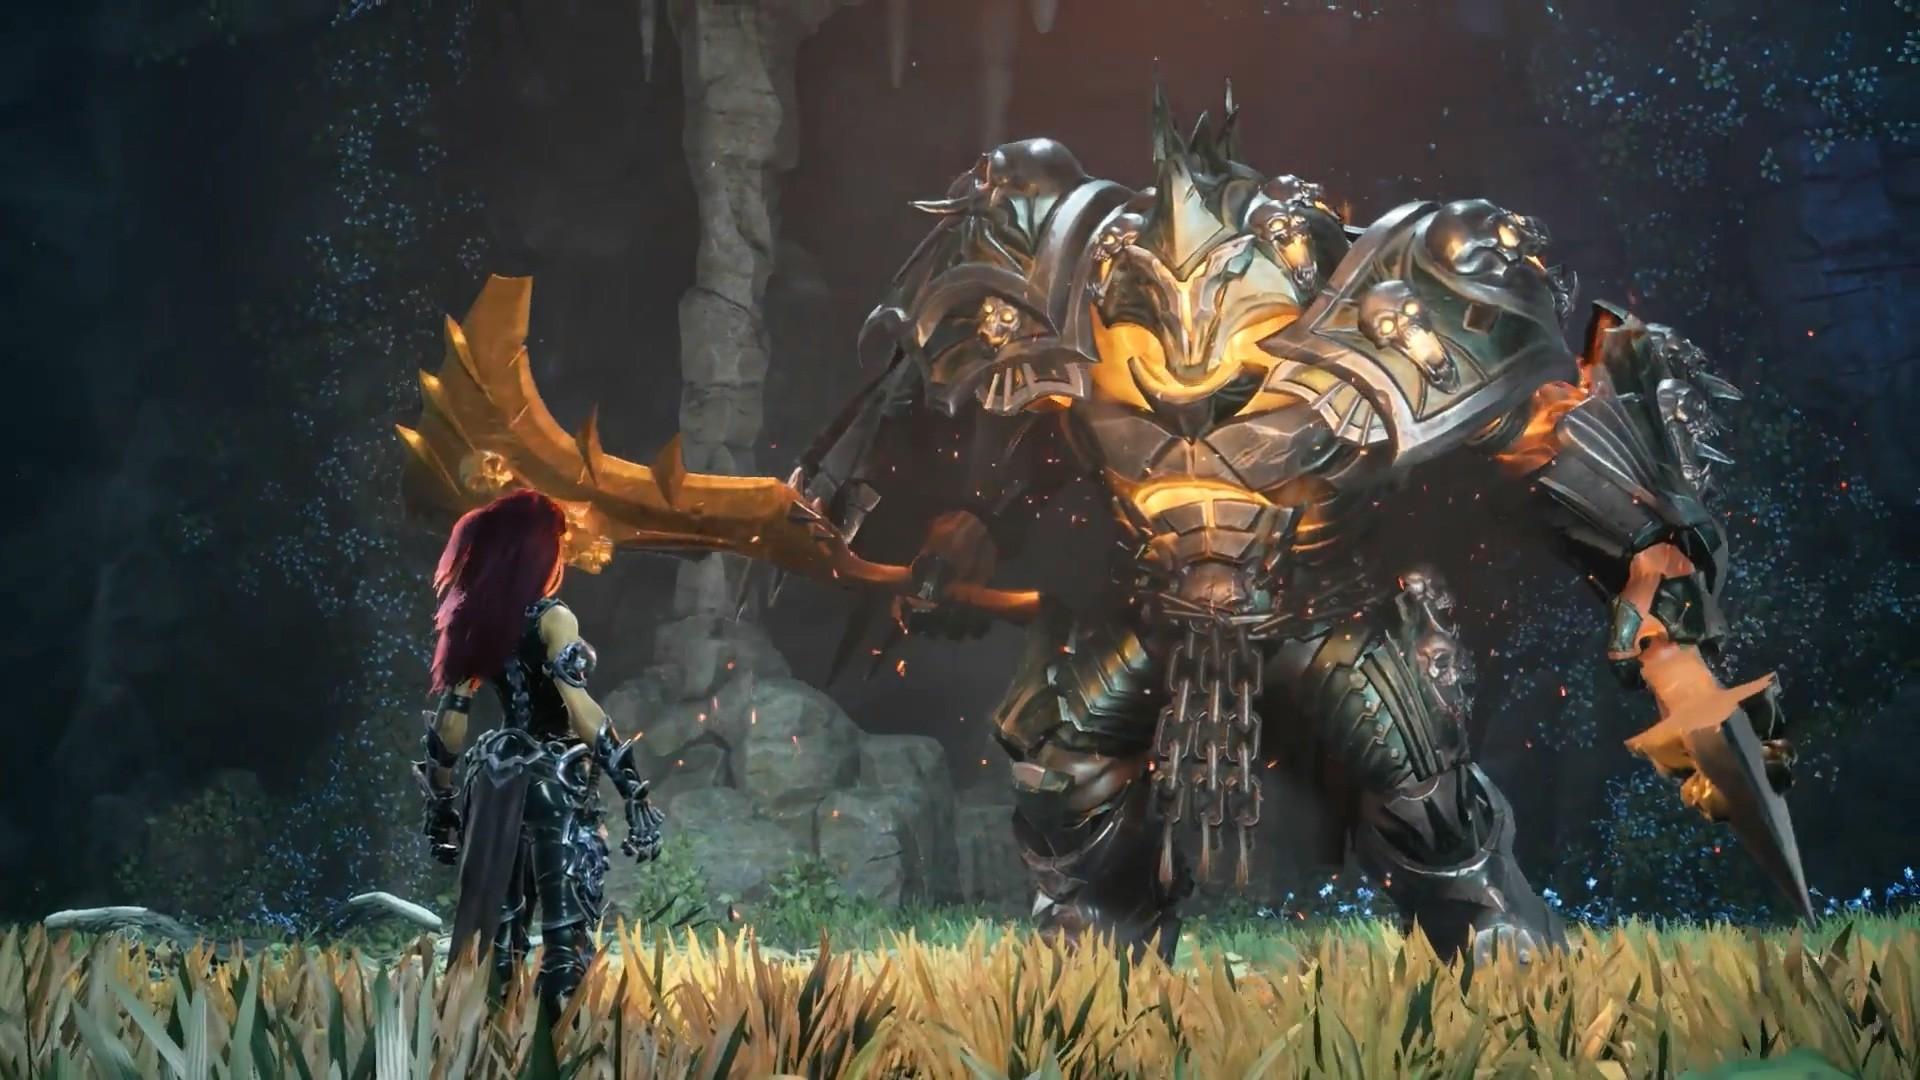 《暗黑血统3》新战斗模式出炉